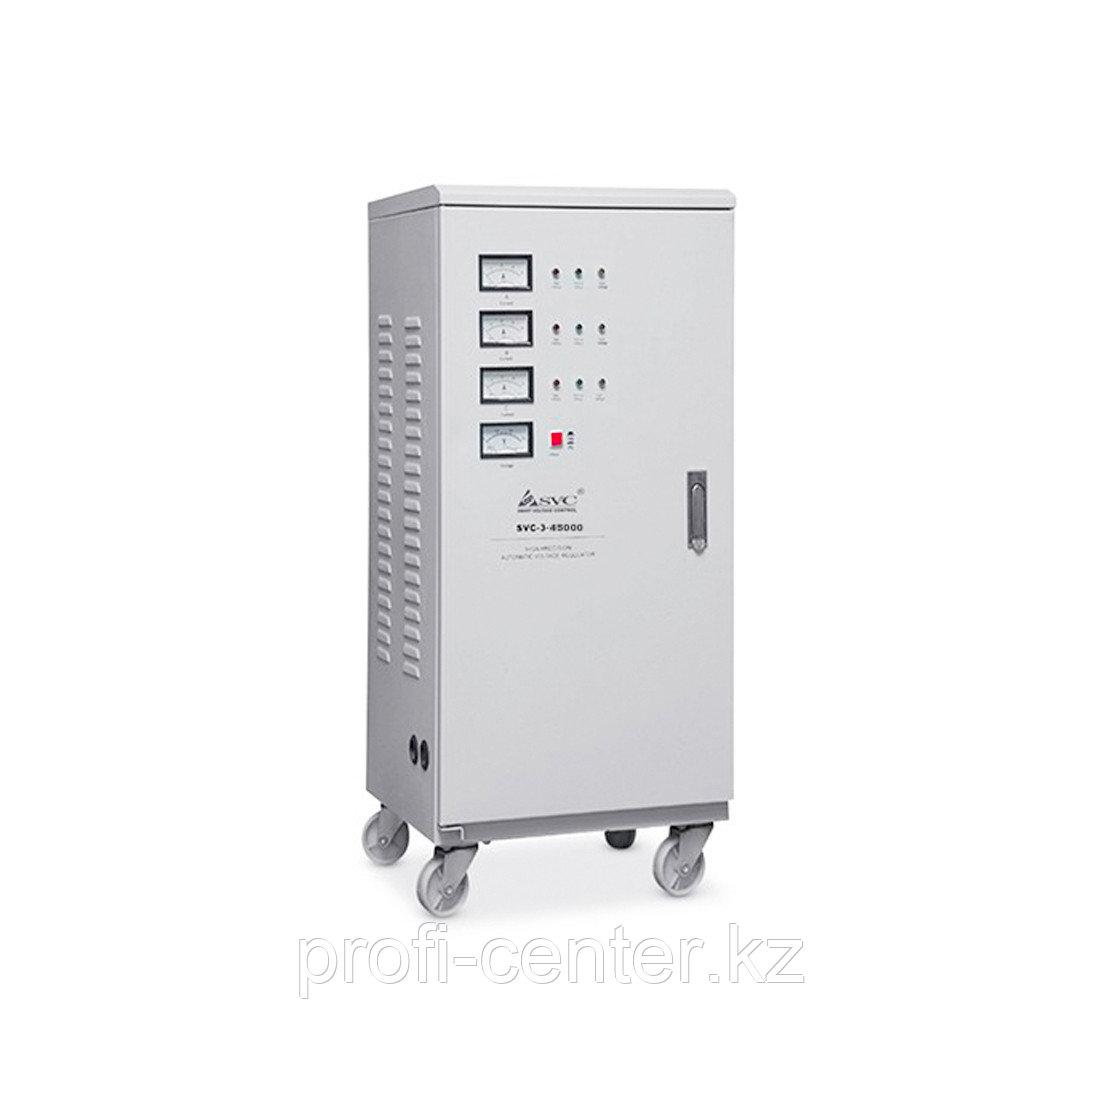 Автоматический трёхфазный стабилизатор напряжения сервоприводного типа SVC-3-45000